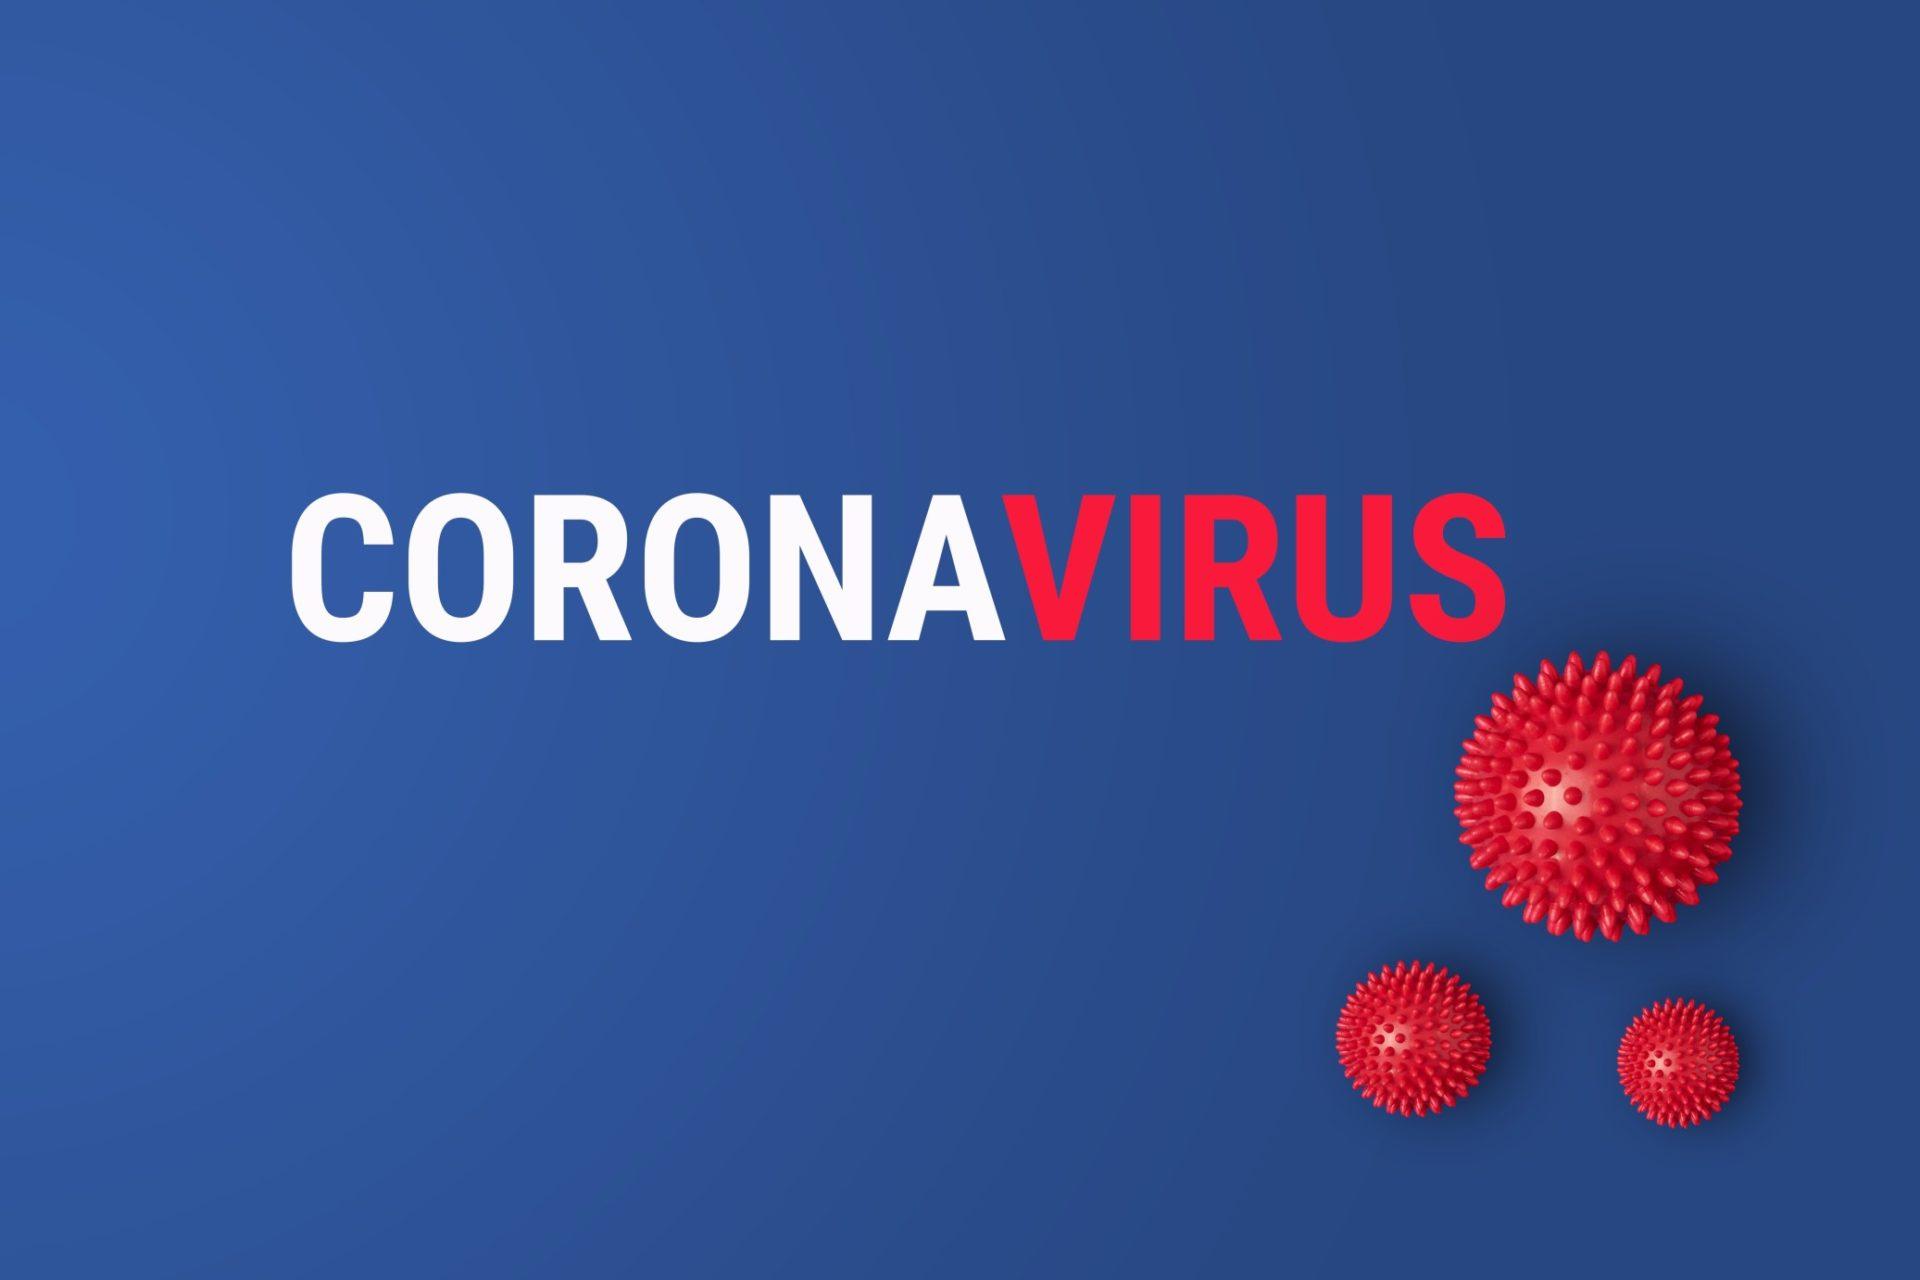 telanganareports869newcoronaviruscases